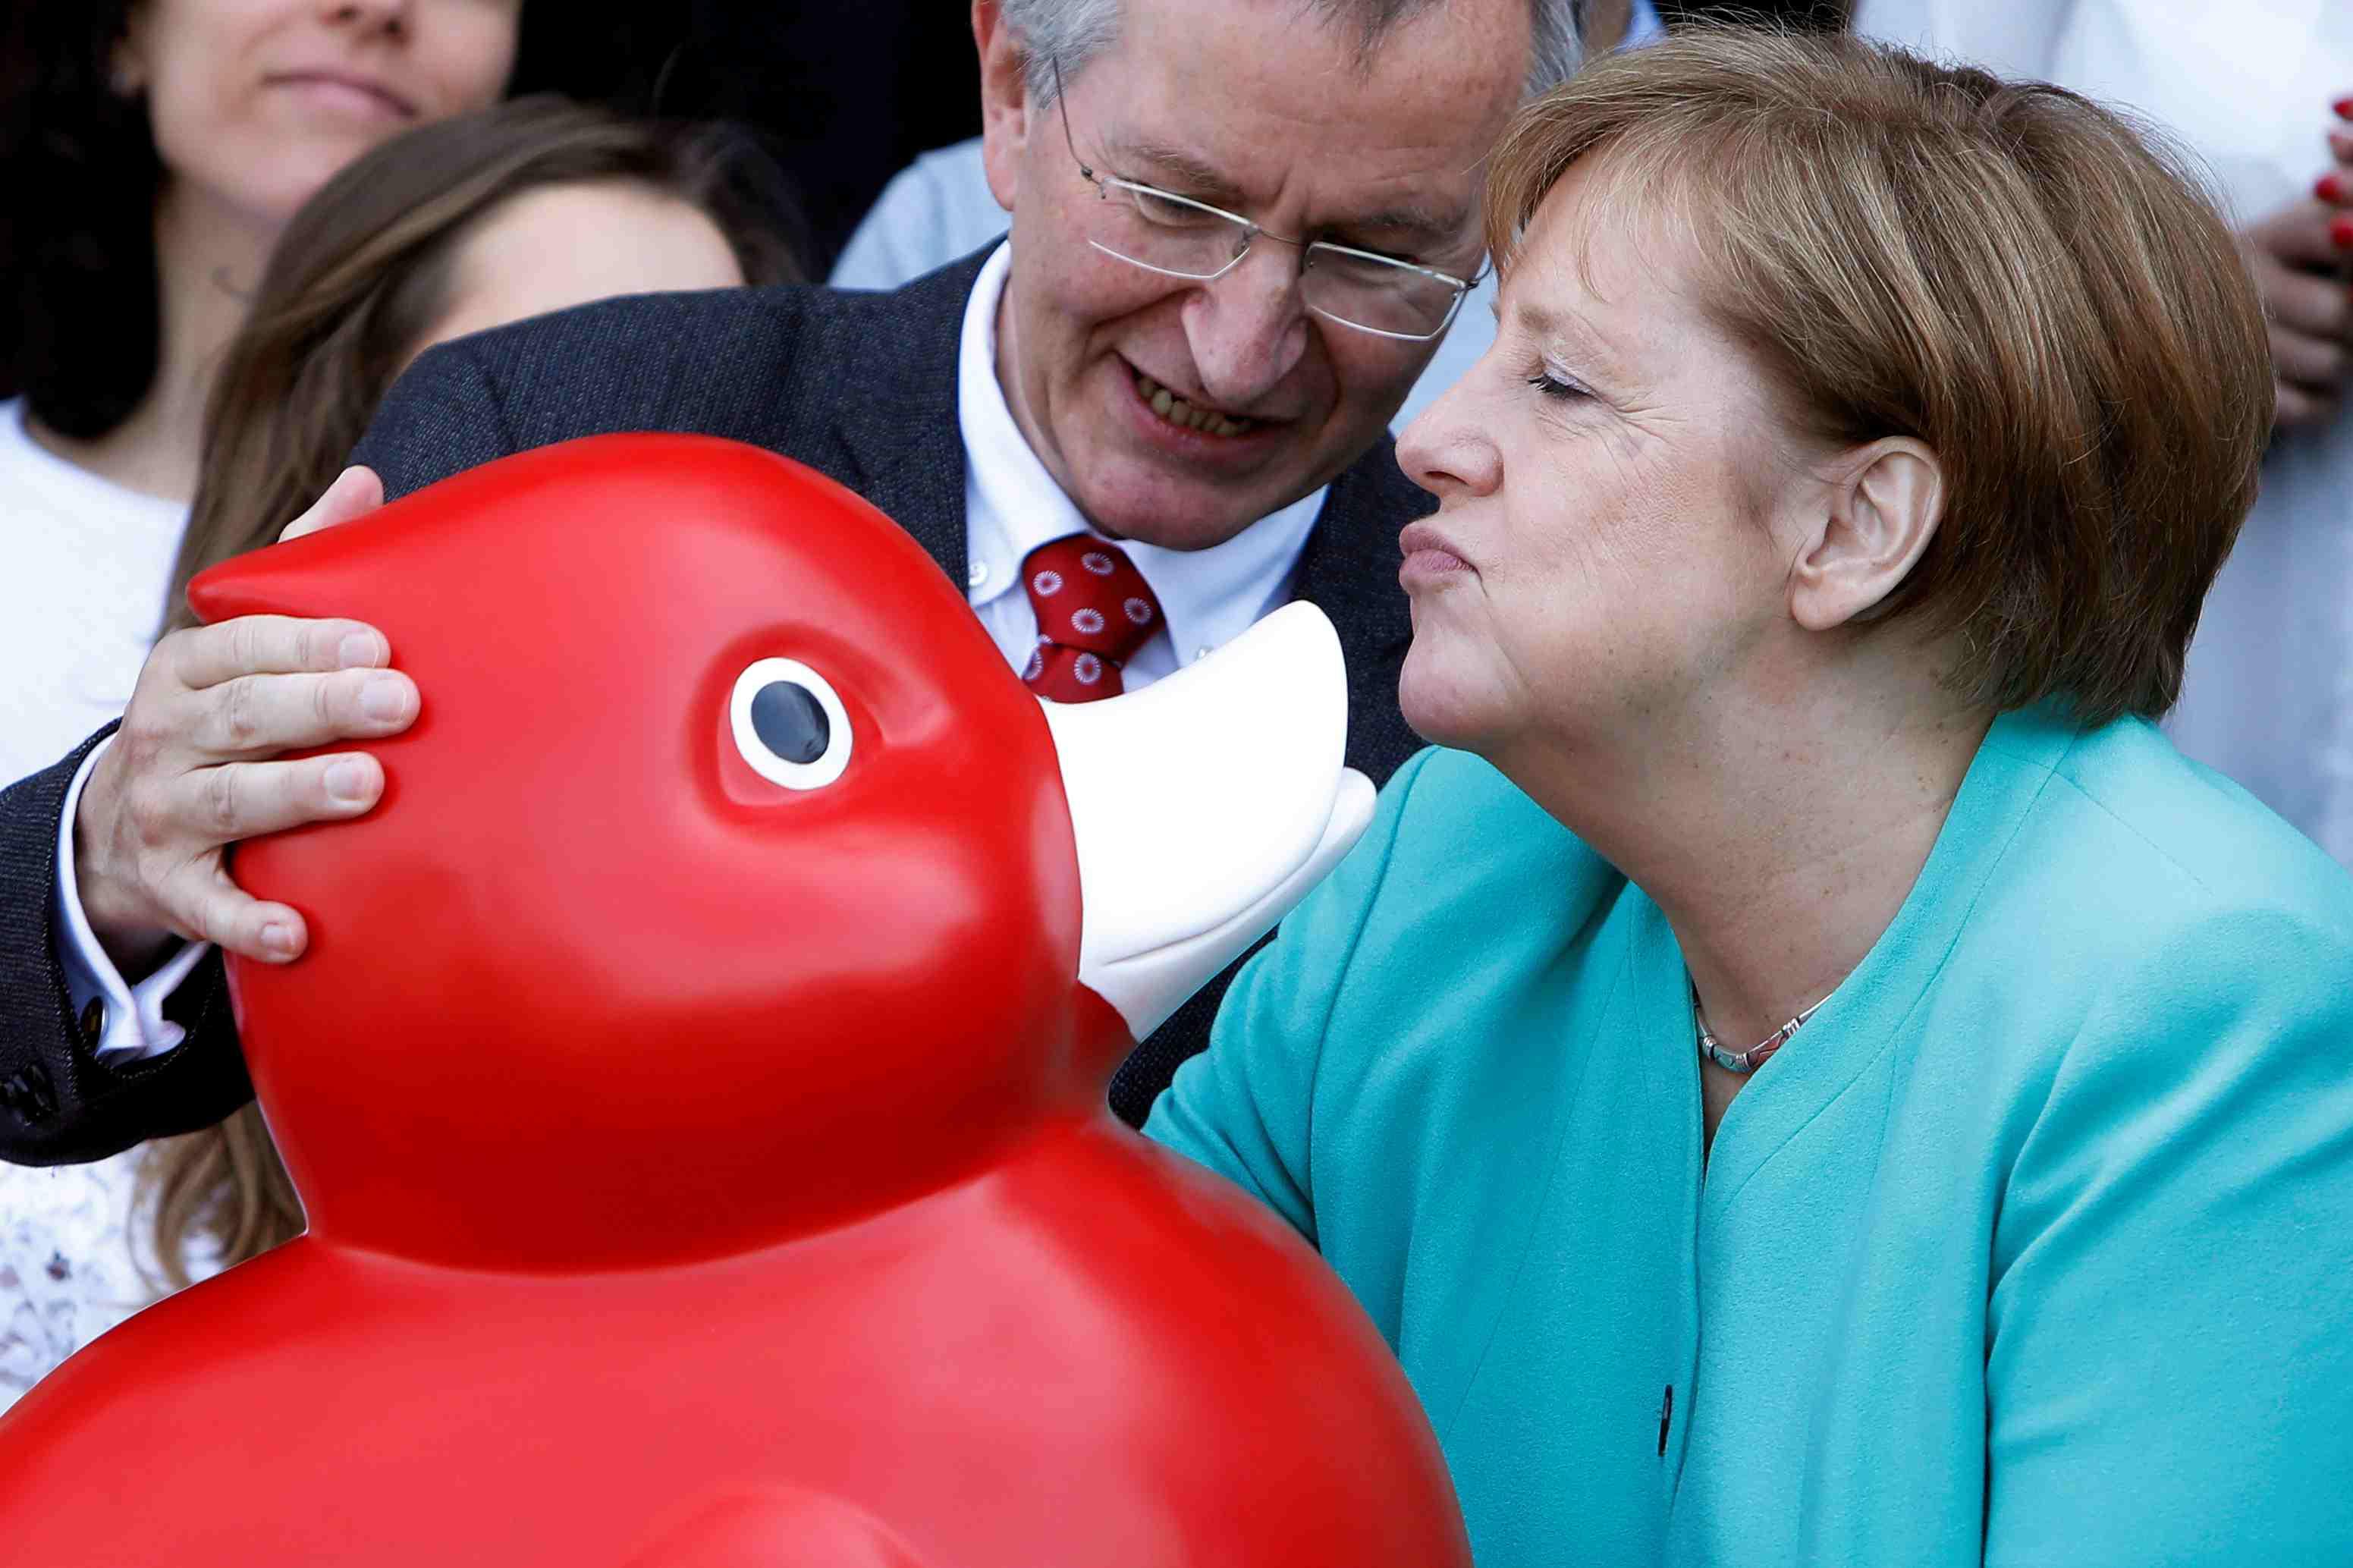 Toys Company Rostock